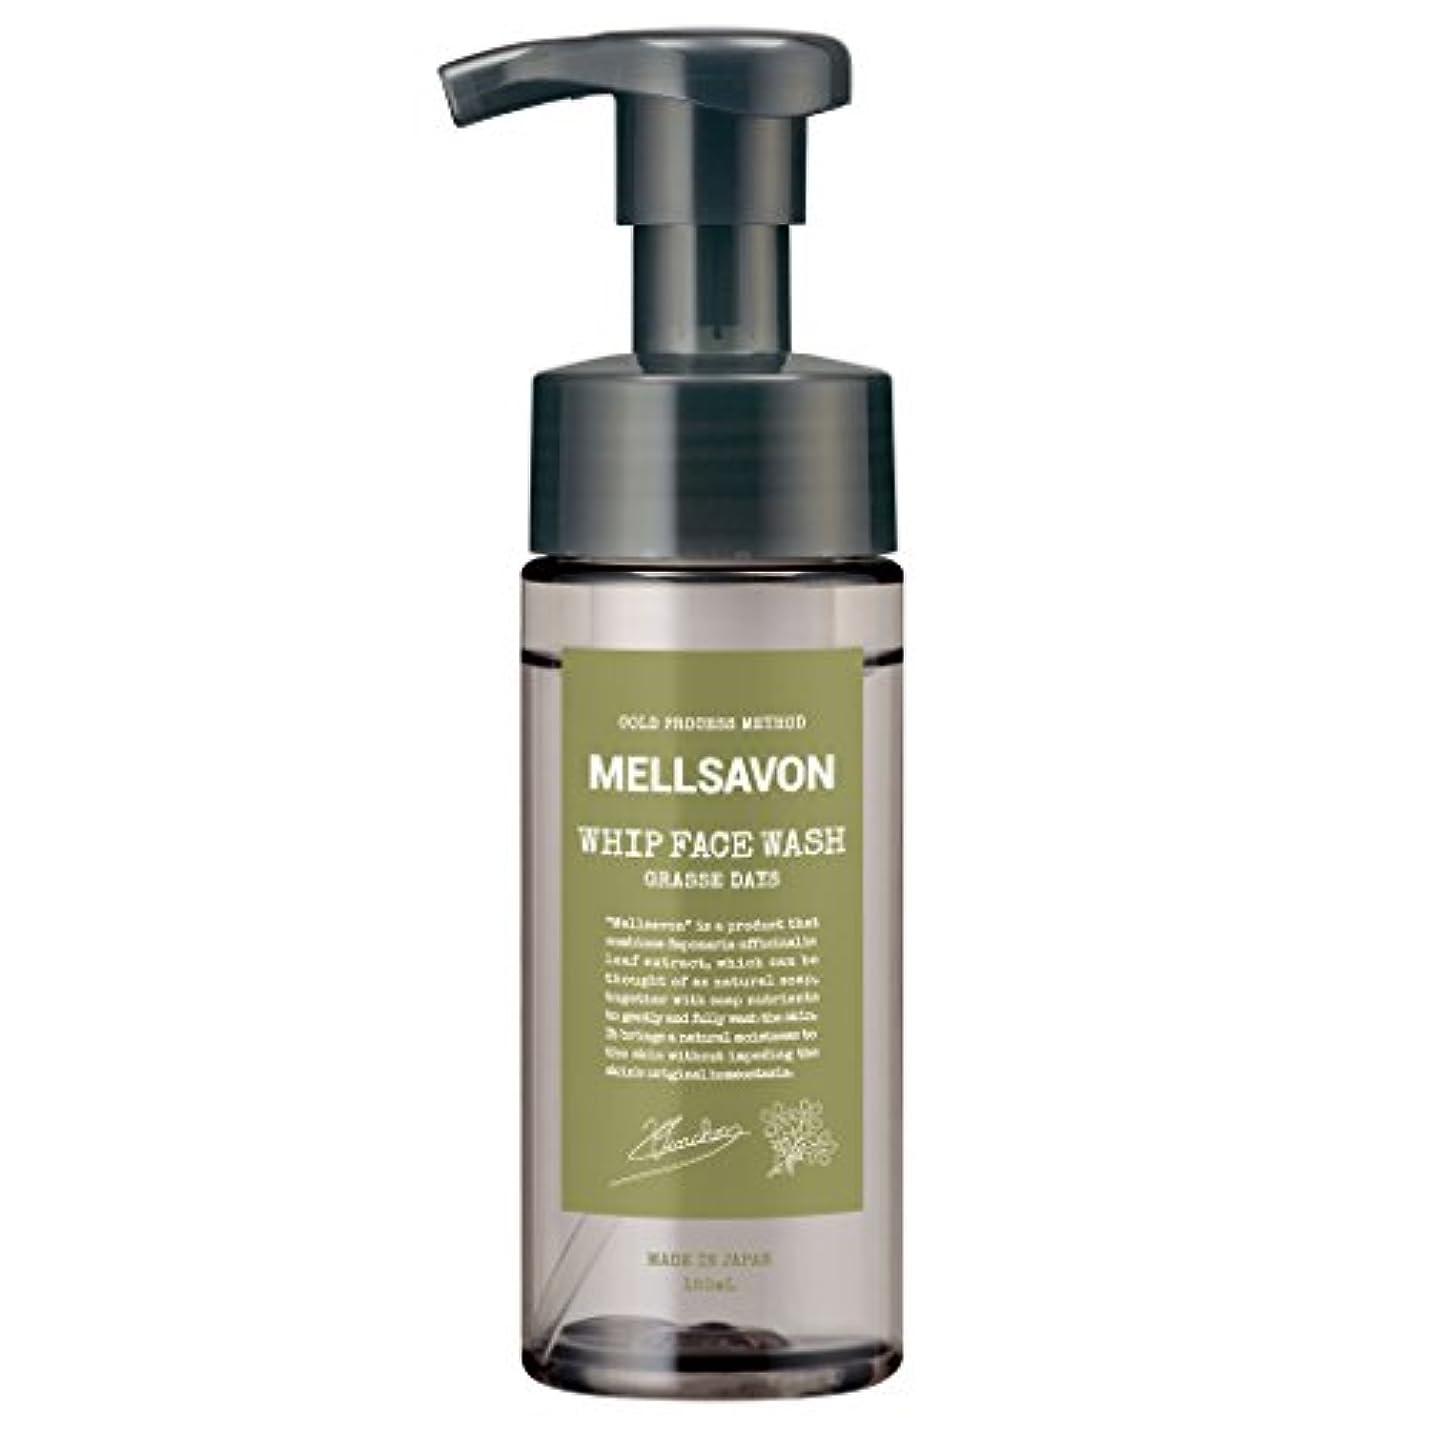 ヘアチャーター不信Mellsavon(メルサボン) メルサボン ホイップフェイスウォッシュ グラースデイズ 150mL 洗顔